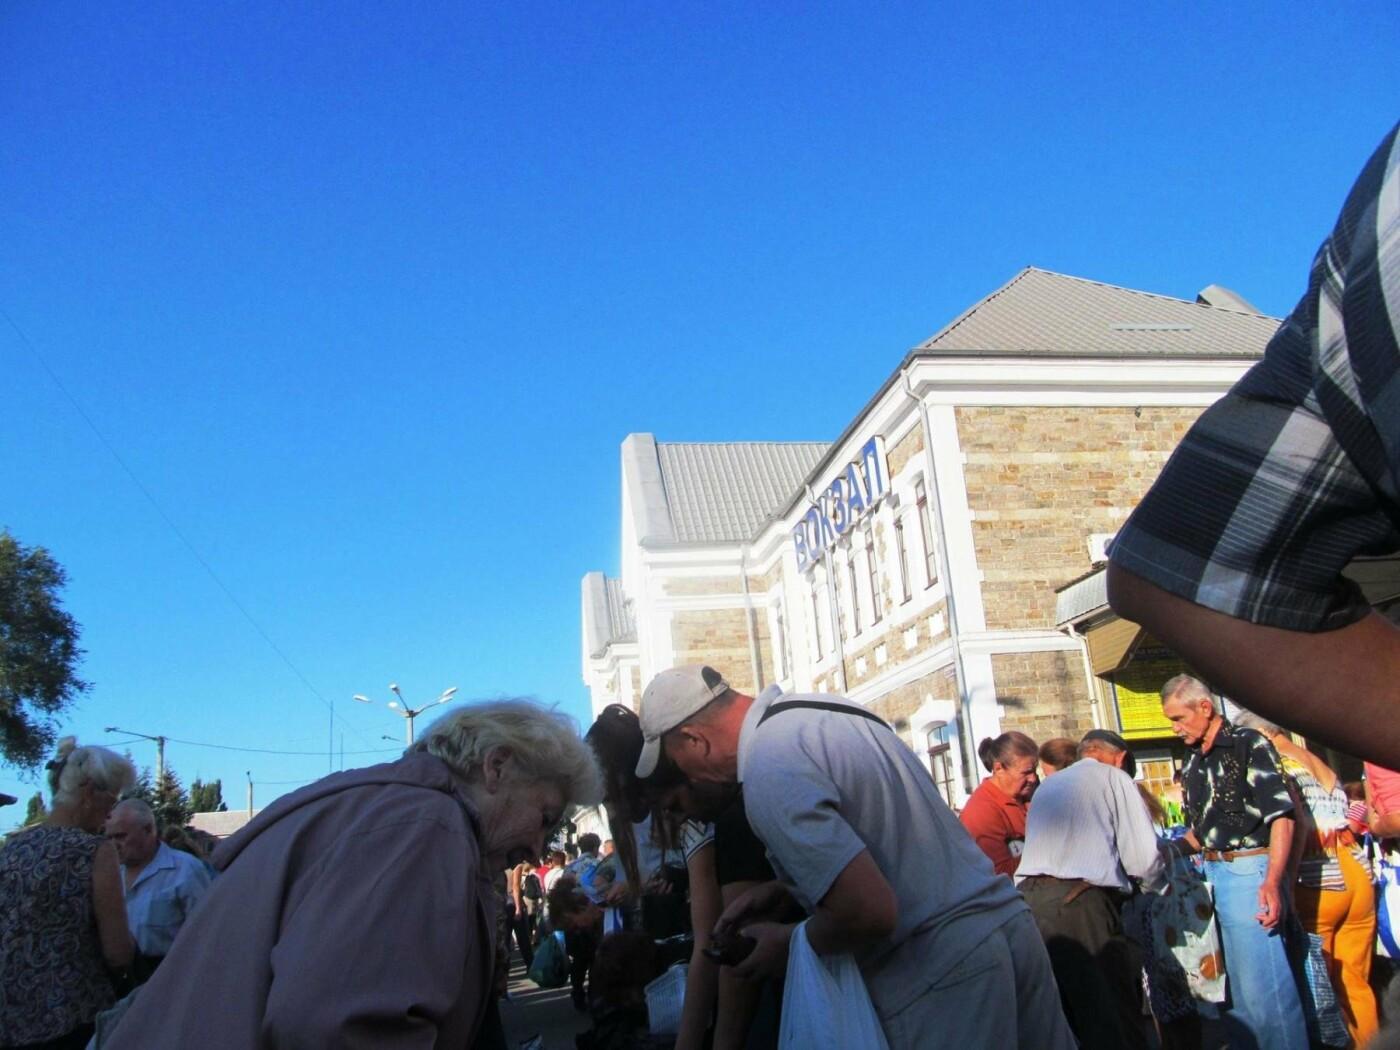 Базар-вокзал в Кривом Роге: Горожане предложили упорядочить стихийный рынок на Долгинцево, - ФОТО, фото-14